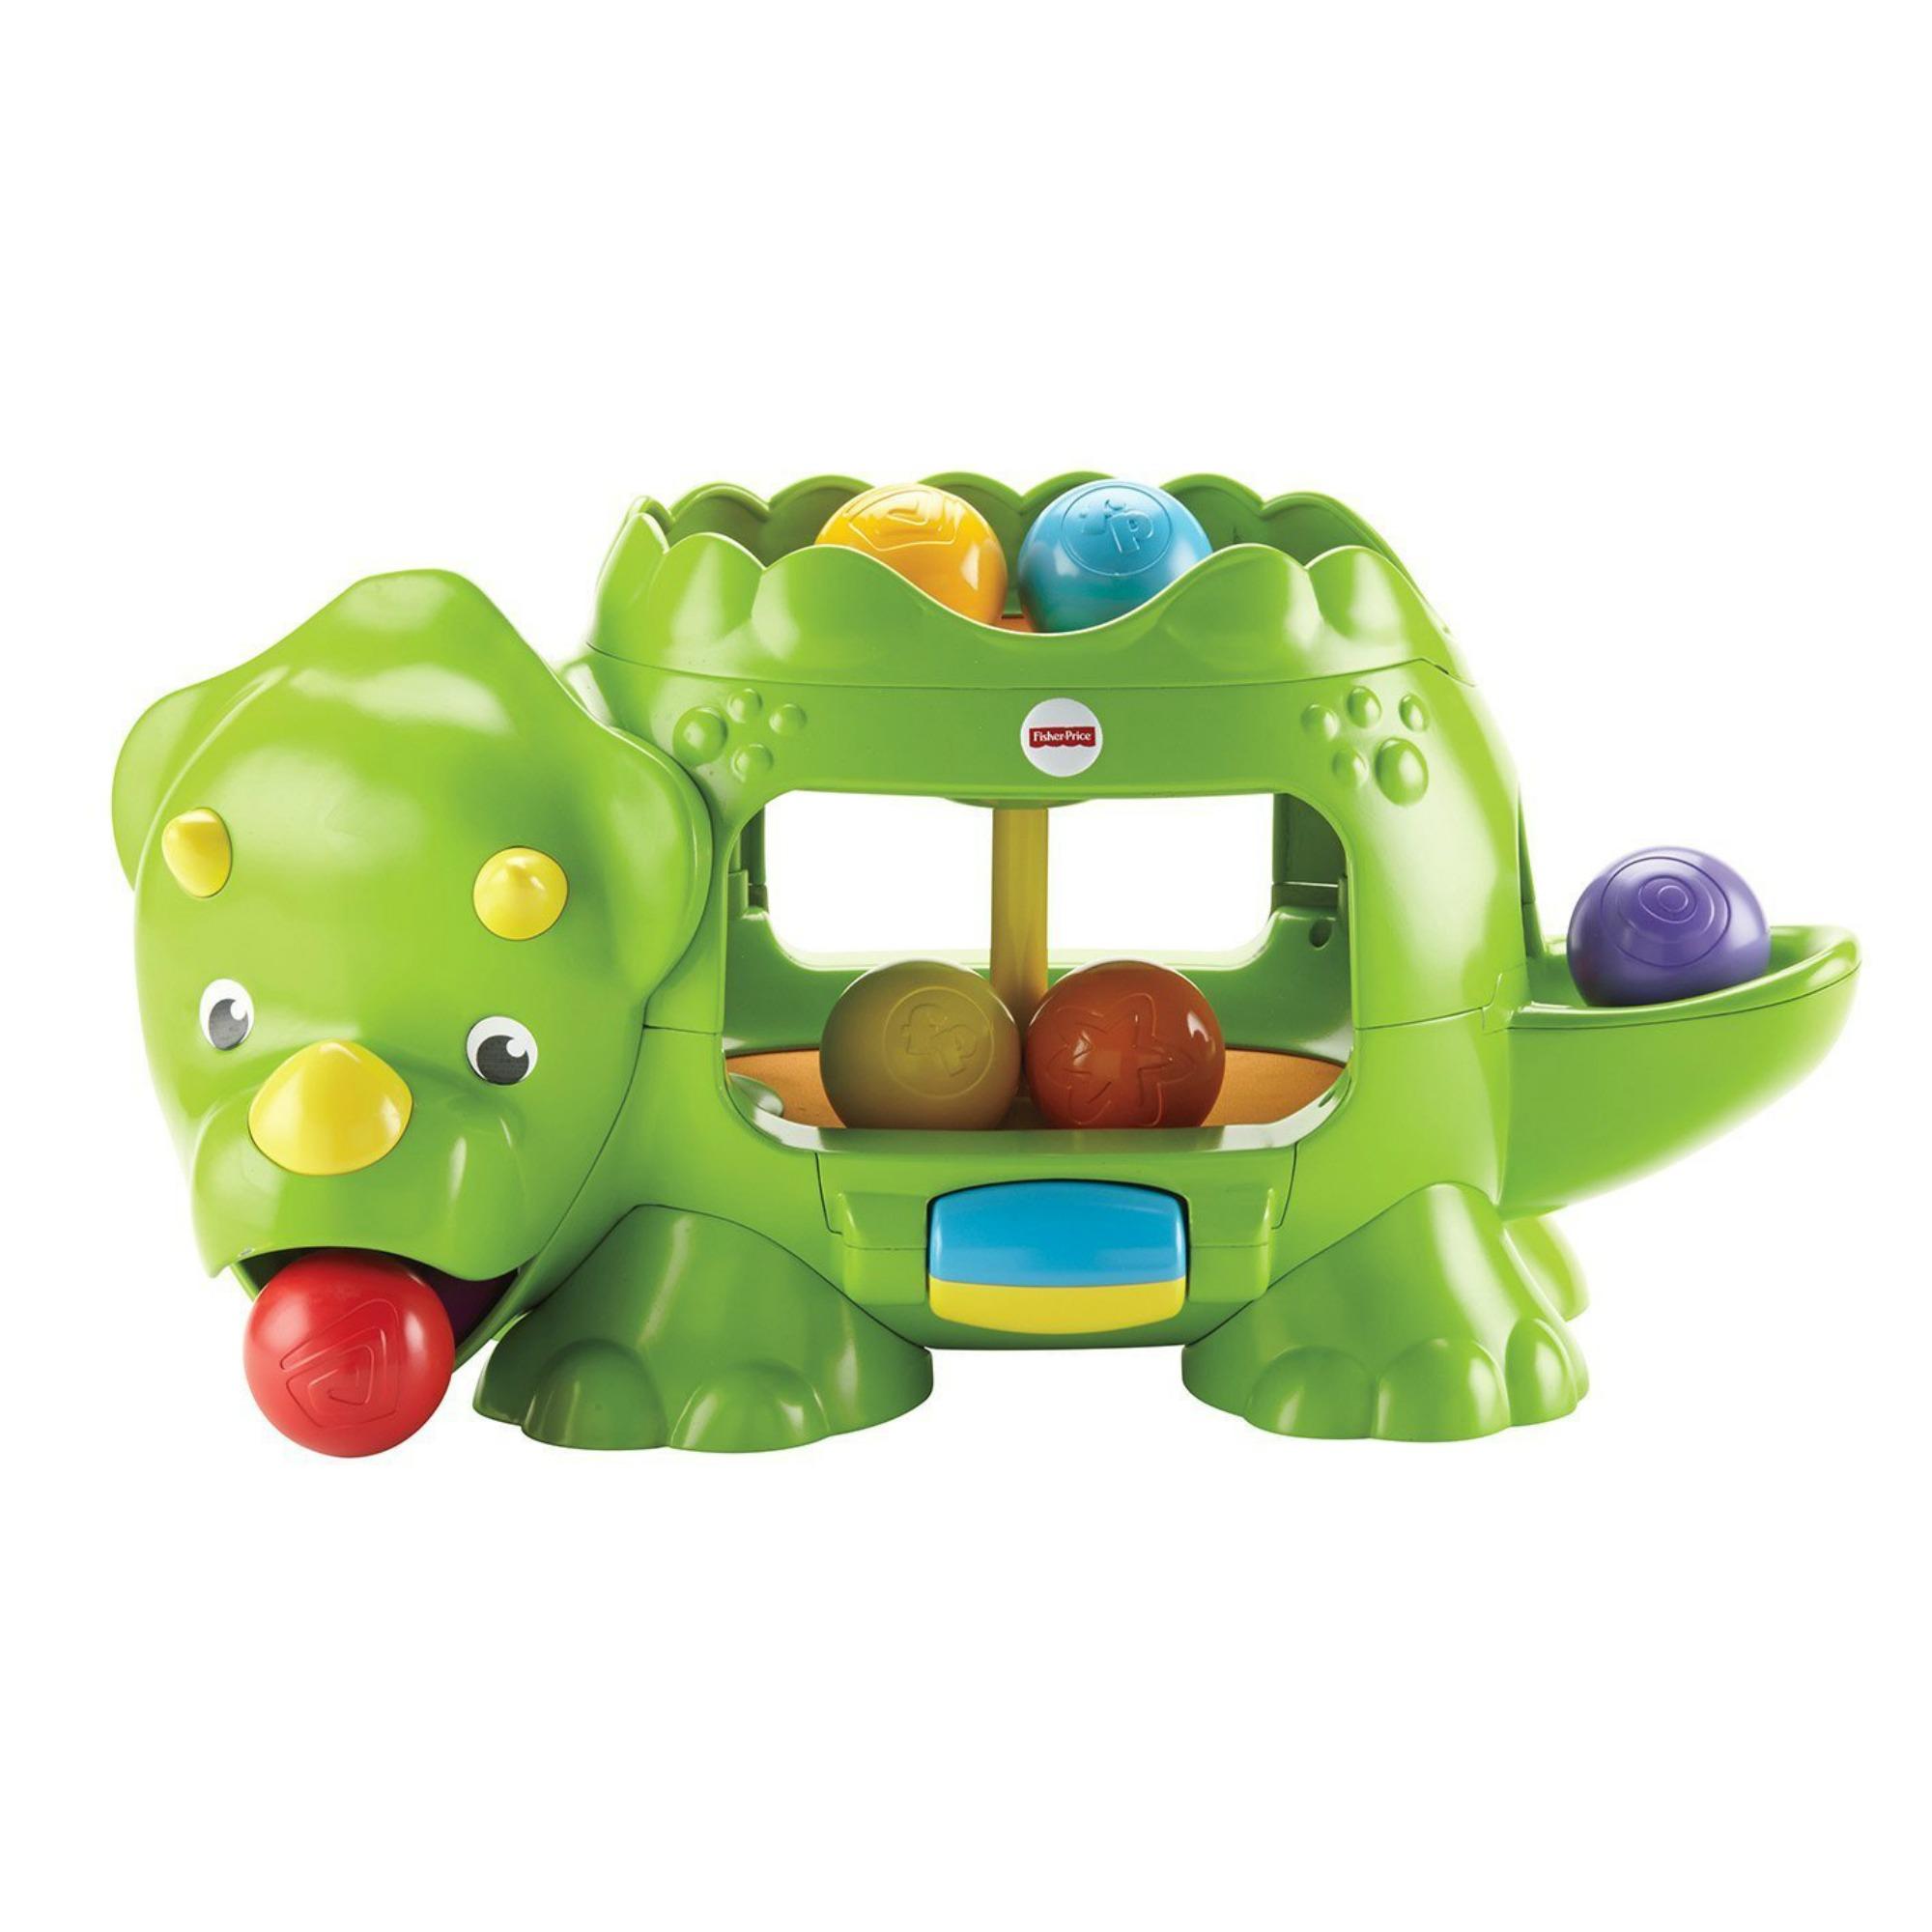 Развивающая игрушка - Динозавр с шарикамиРазвивающие игрушки Fisher-Price<br>Развивающая игрушка - Динозавр с шариками<br>